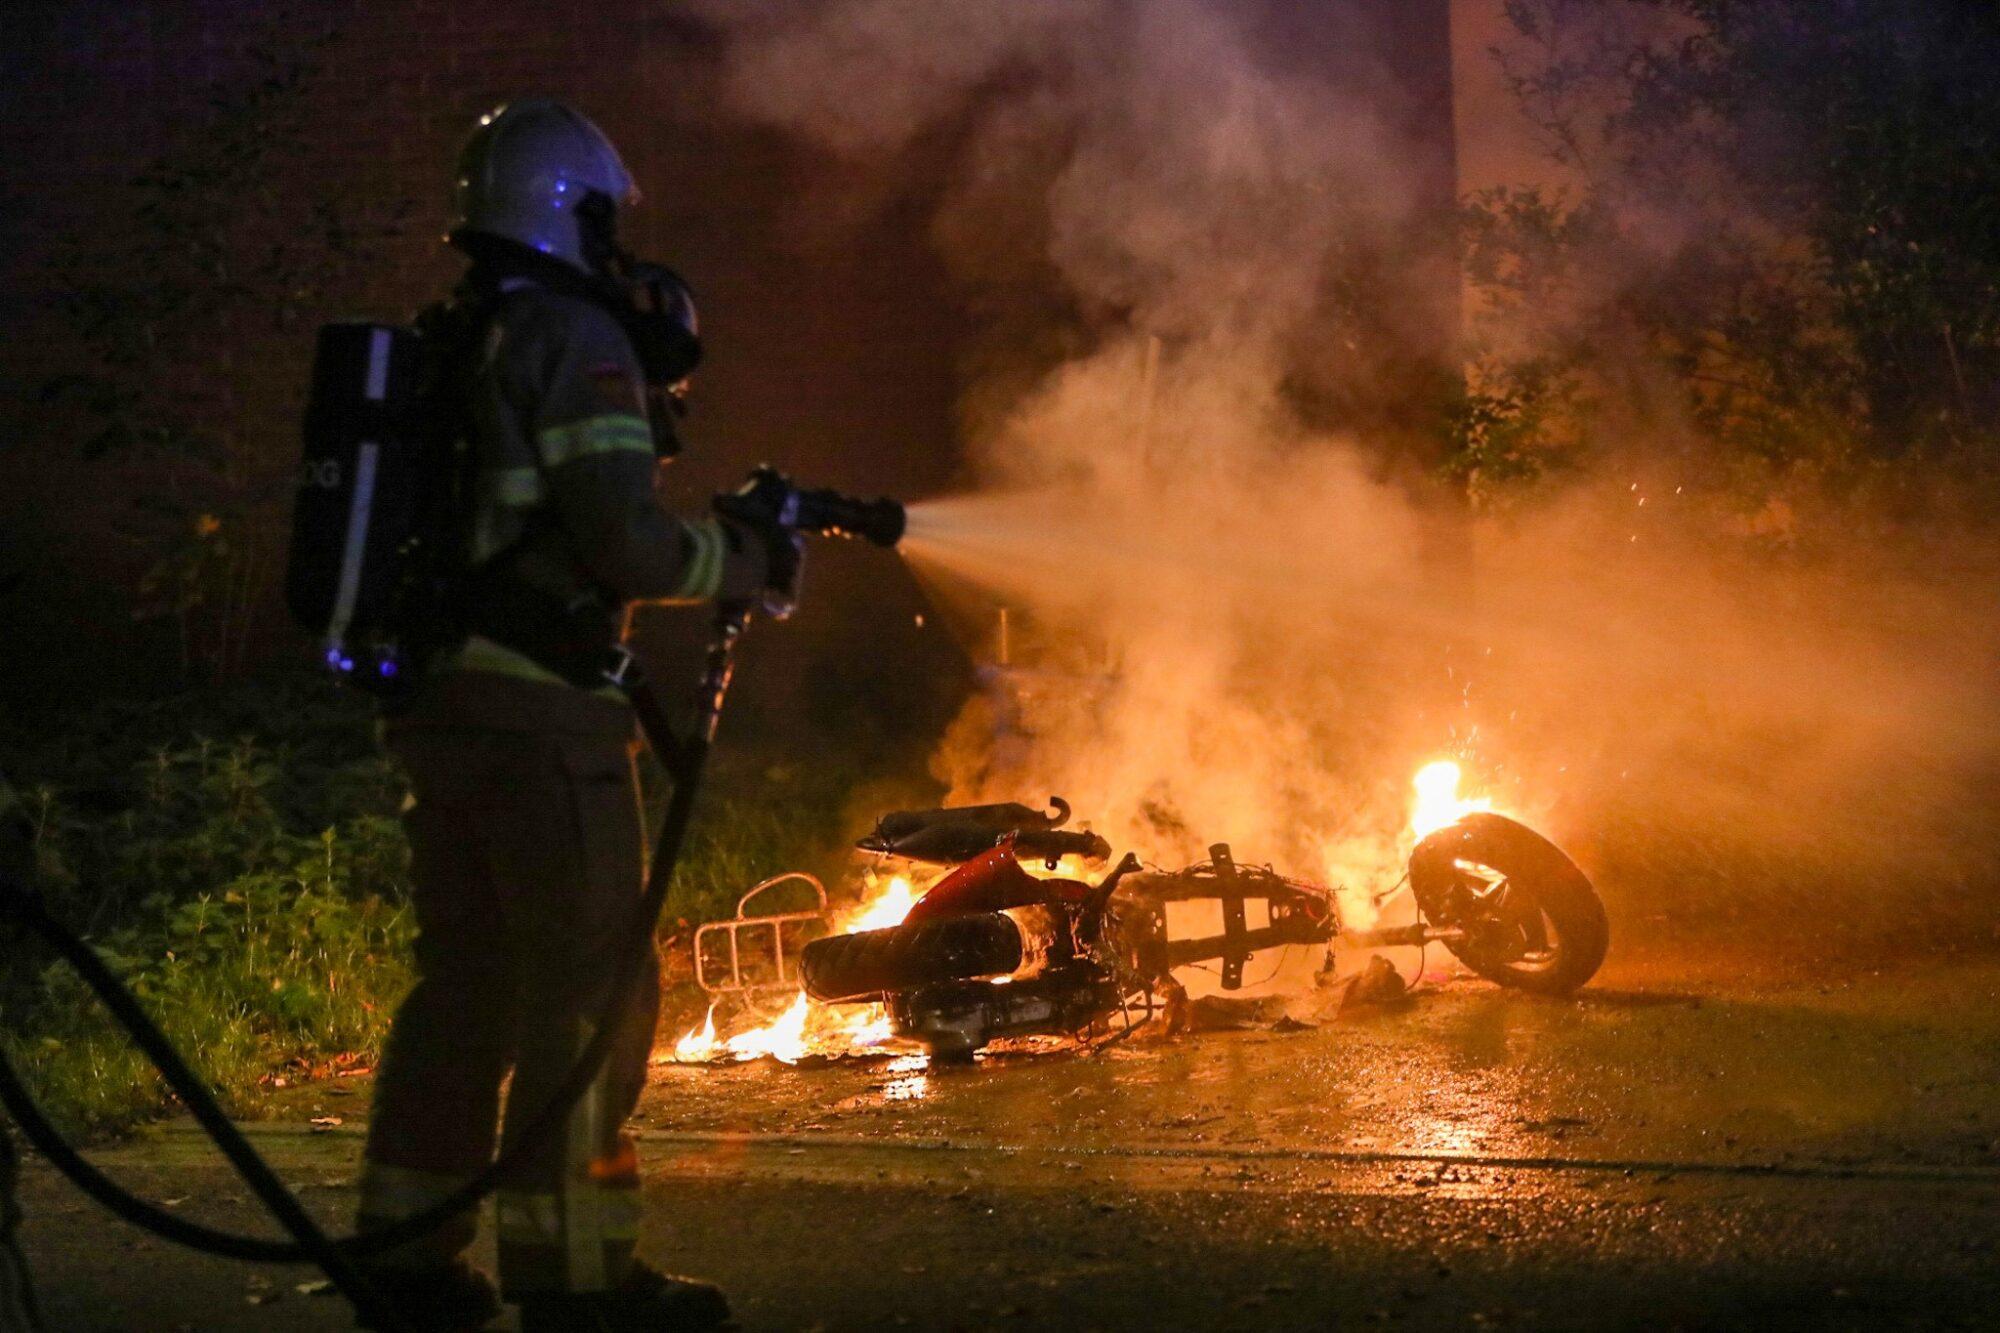 Scooterbrand in Apeldoorn lijkt aangestoken